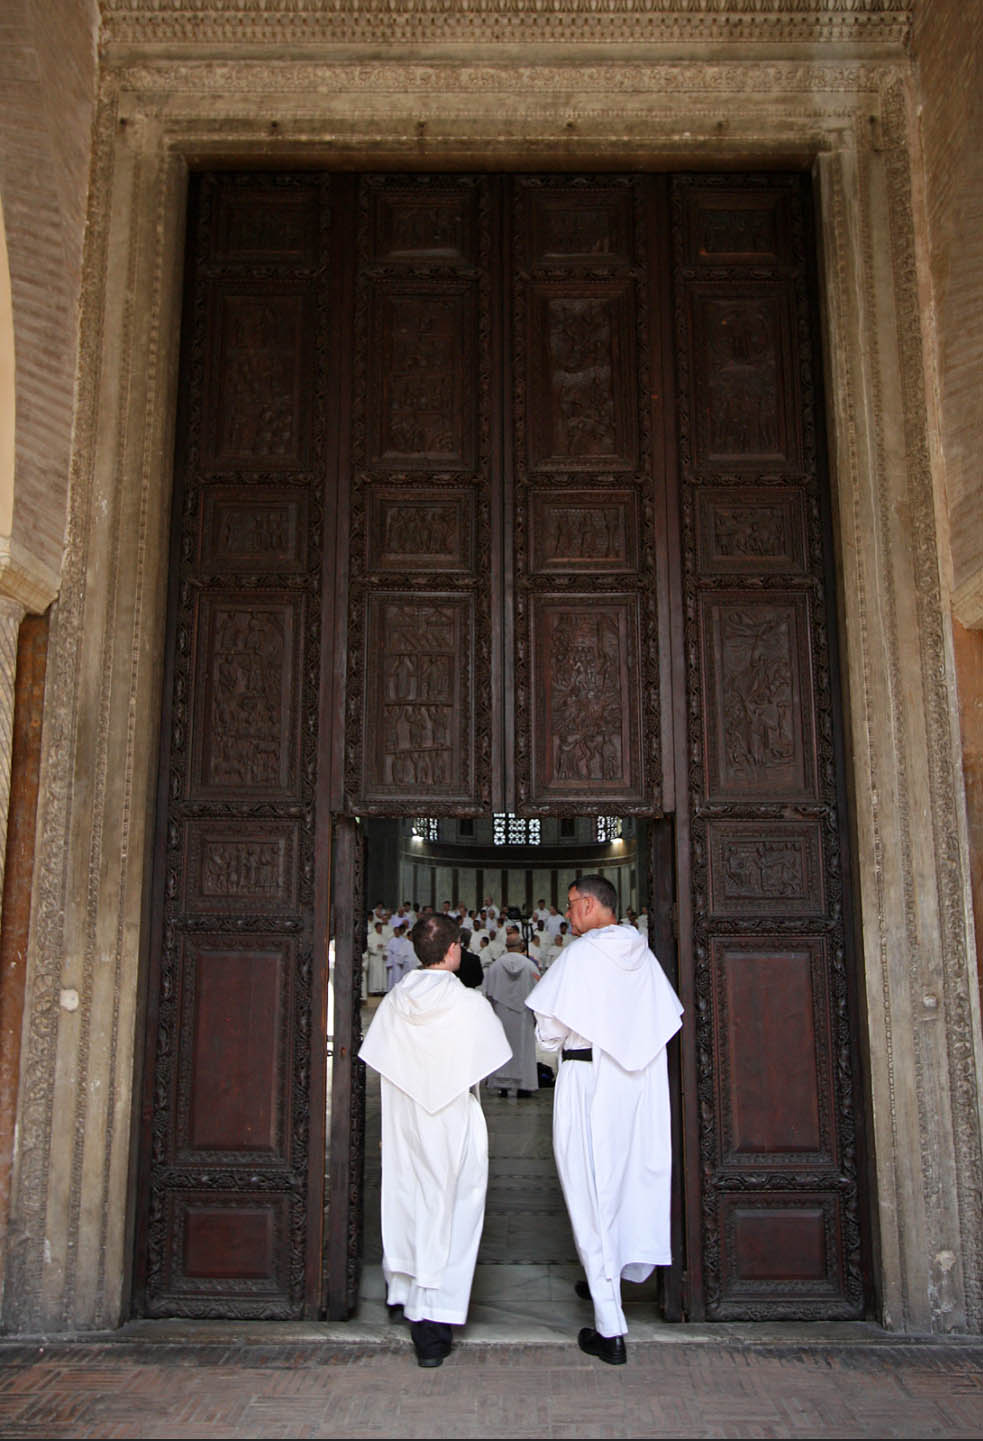 Вход на базилика Санта Сабина в Рим